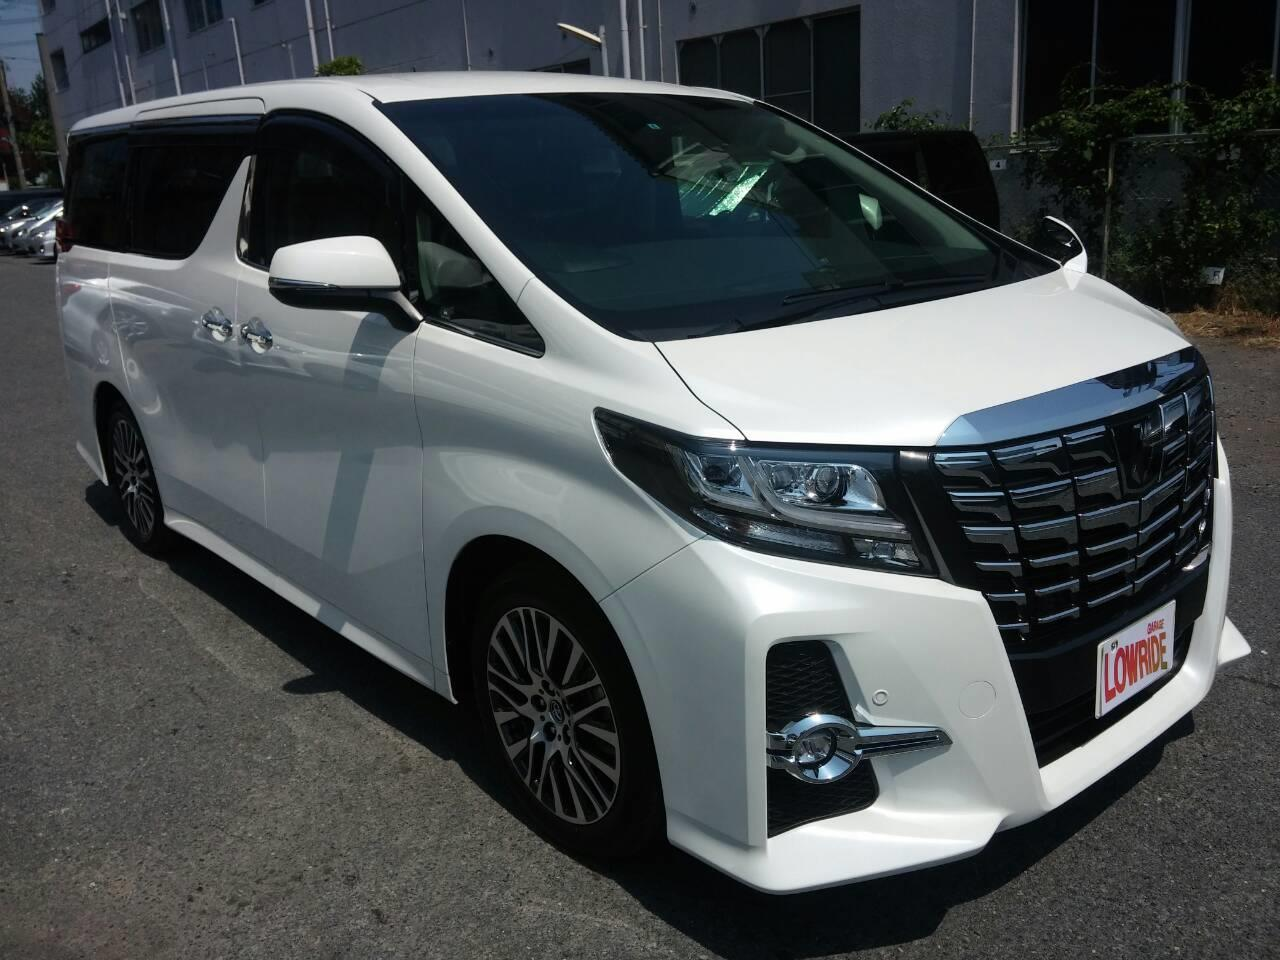 東京都立川市の車の板金塗装修理工場 ガレージローライドのトヨタ アルファード 新車のボディー磨き&ガラスコーティング です。